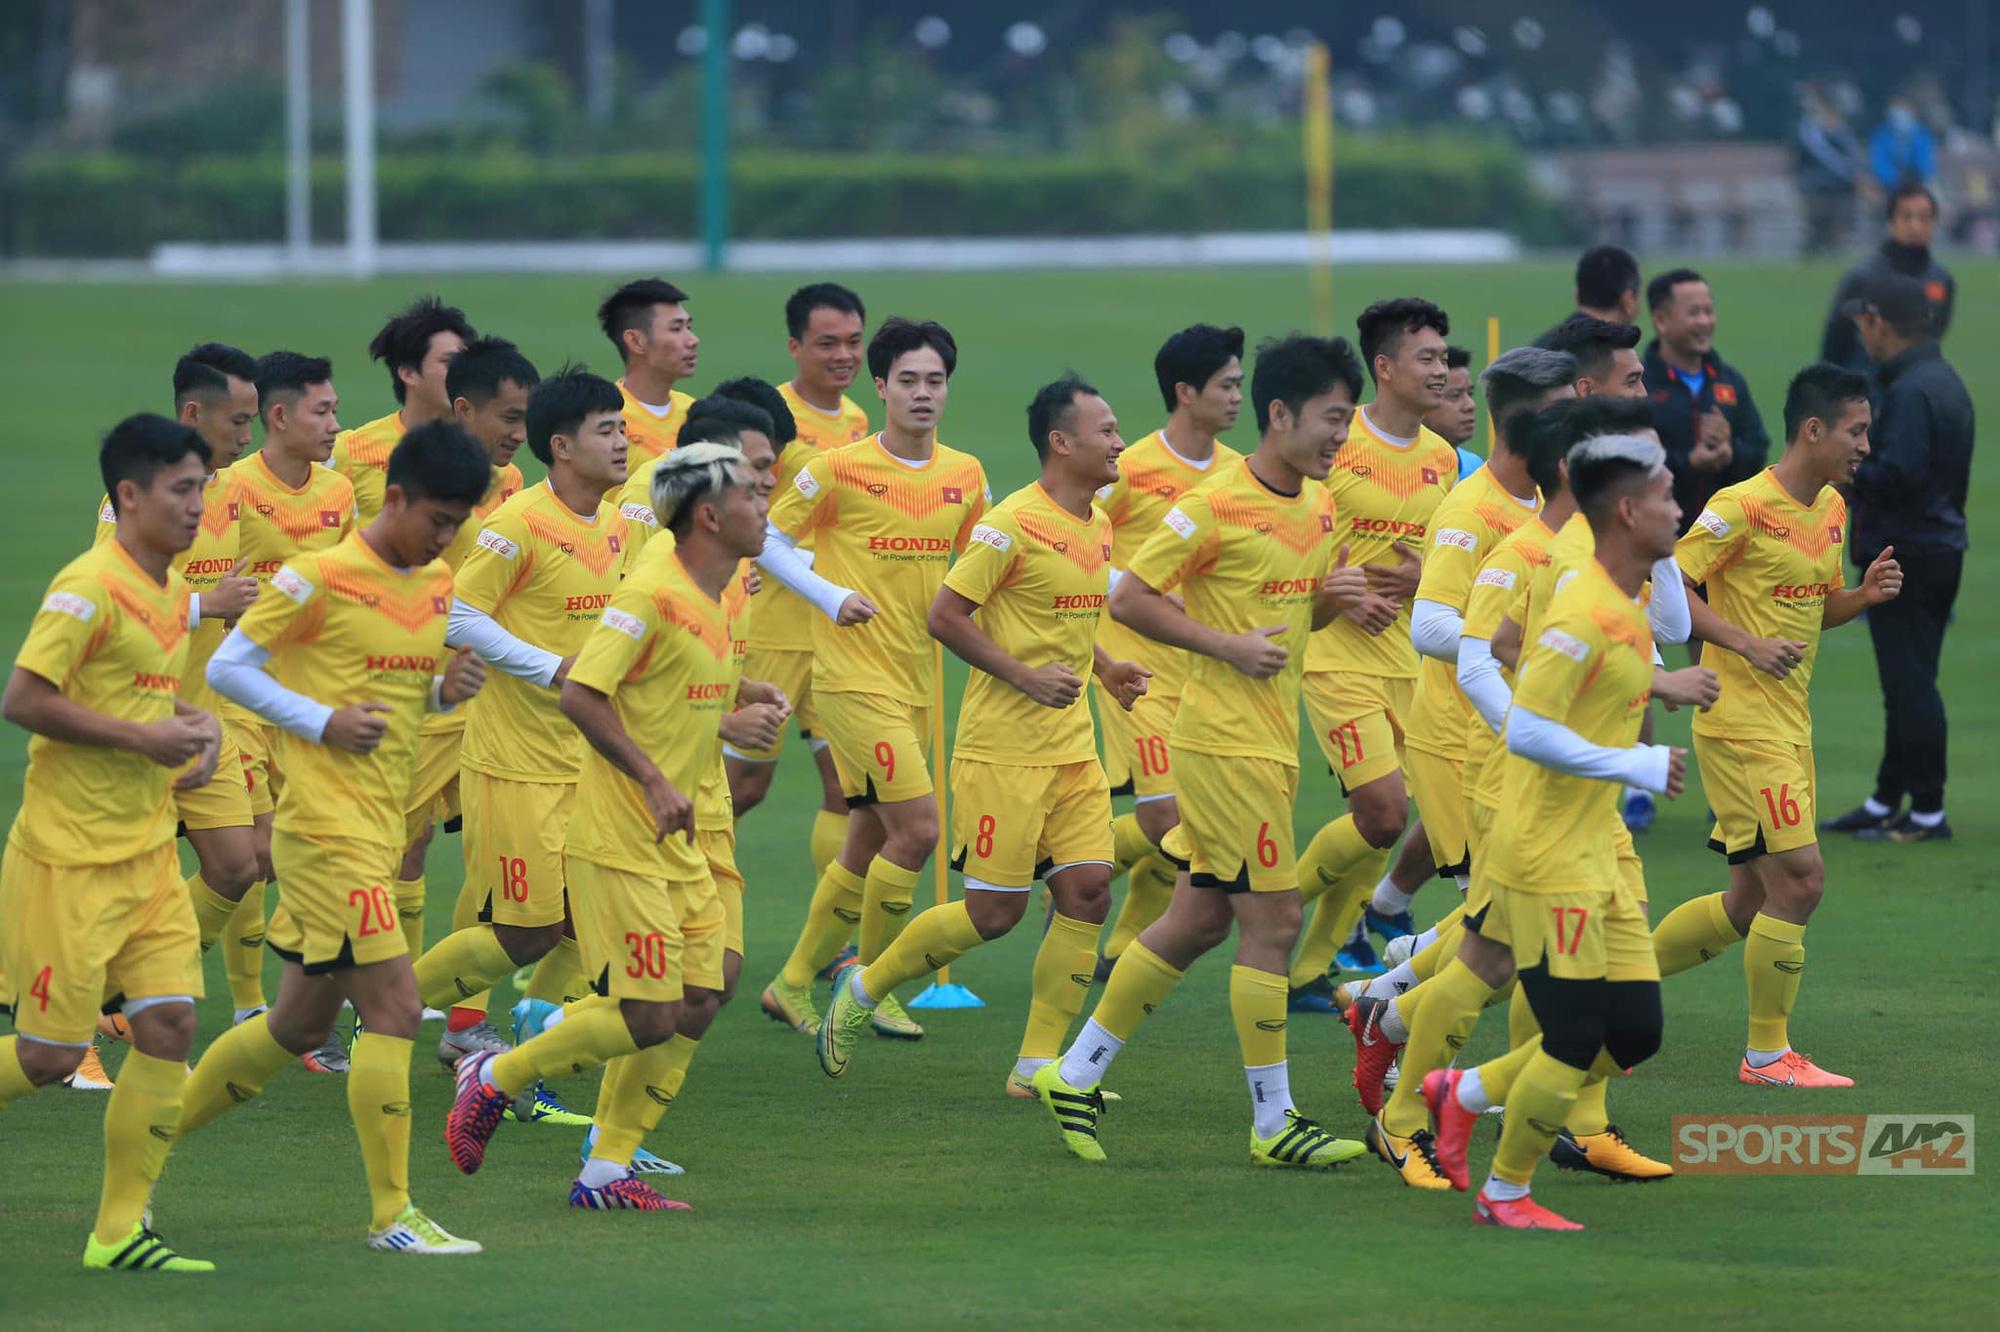 3 tiền đạo Việt Nam xuất sắc nhất trong mắt HLV Park Hang-seo - Ảnh 1.